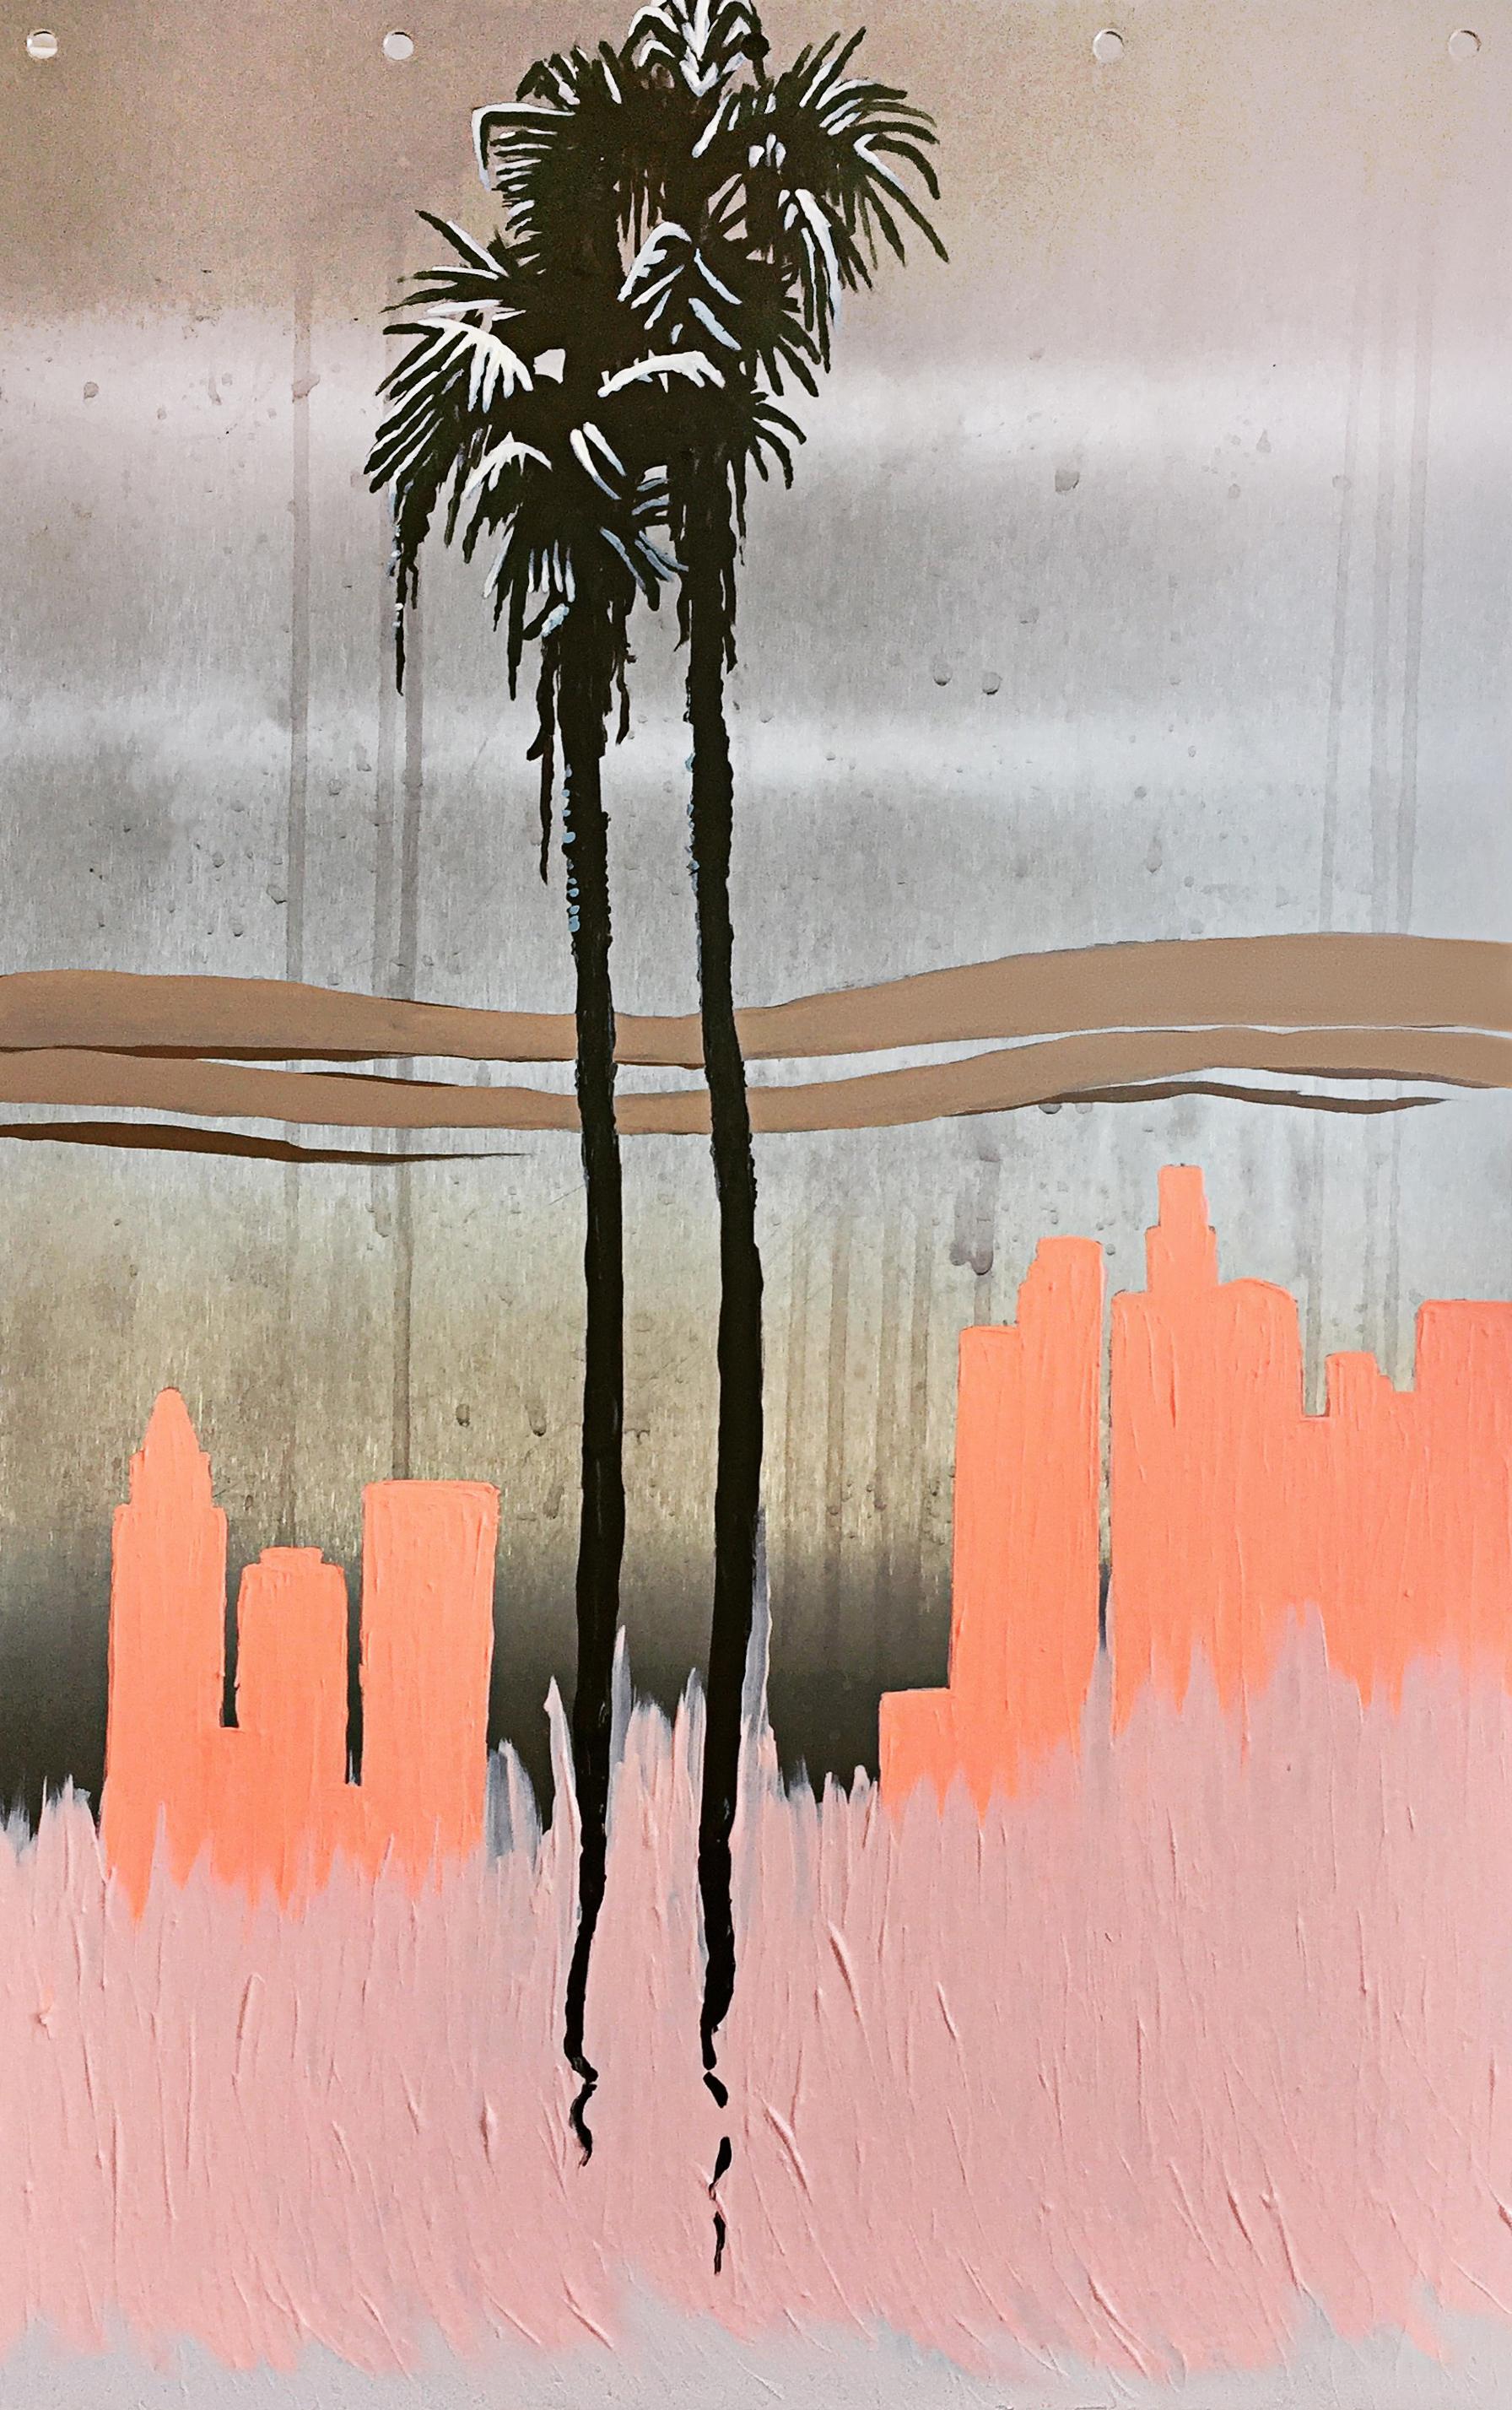 Smog on Metal by Lauren Porter - $700